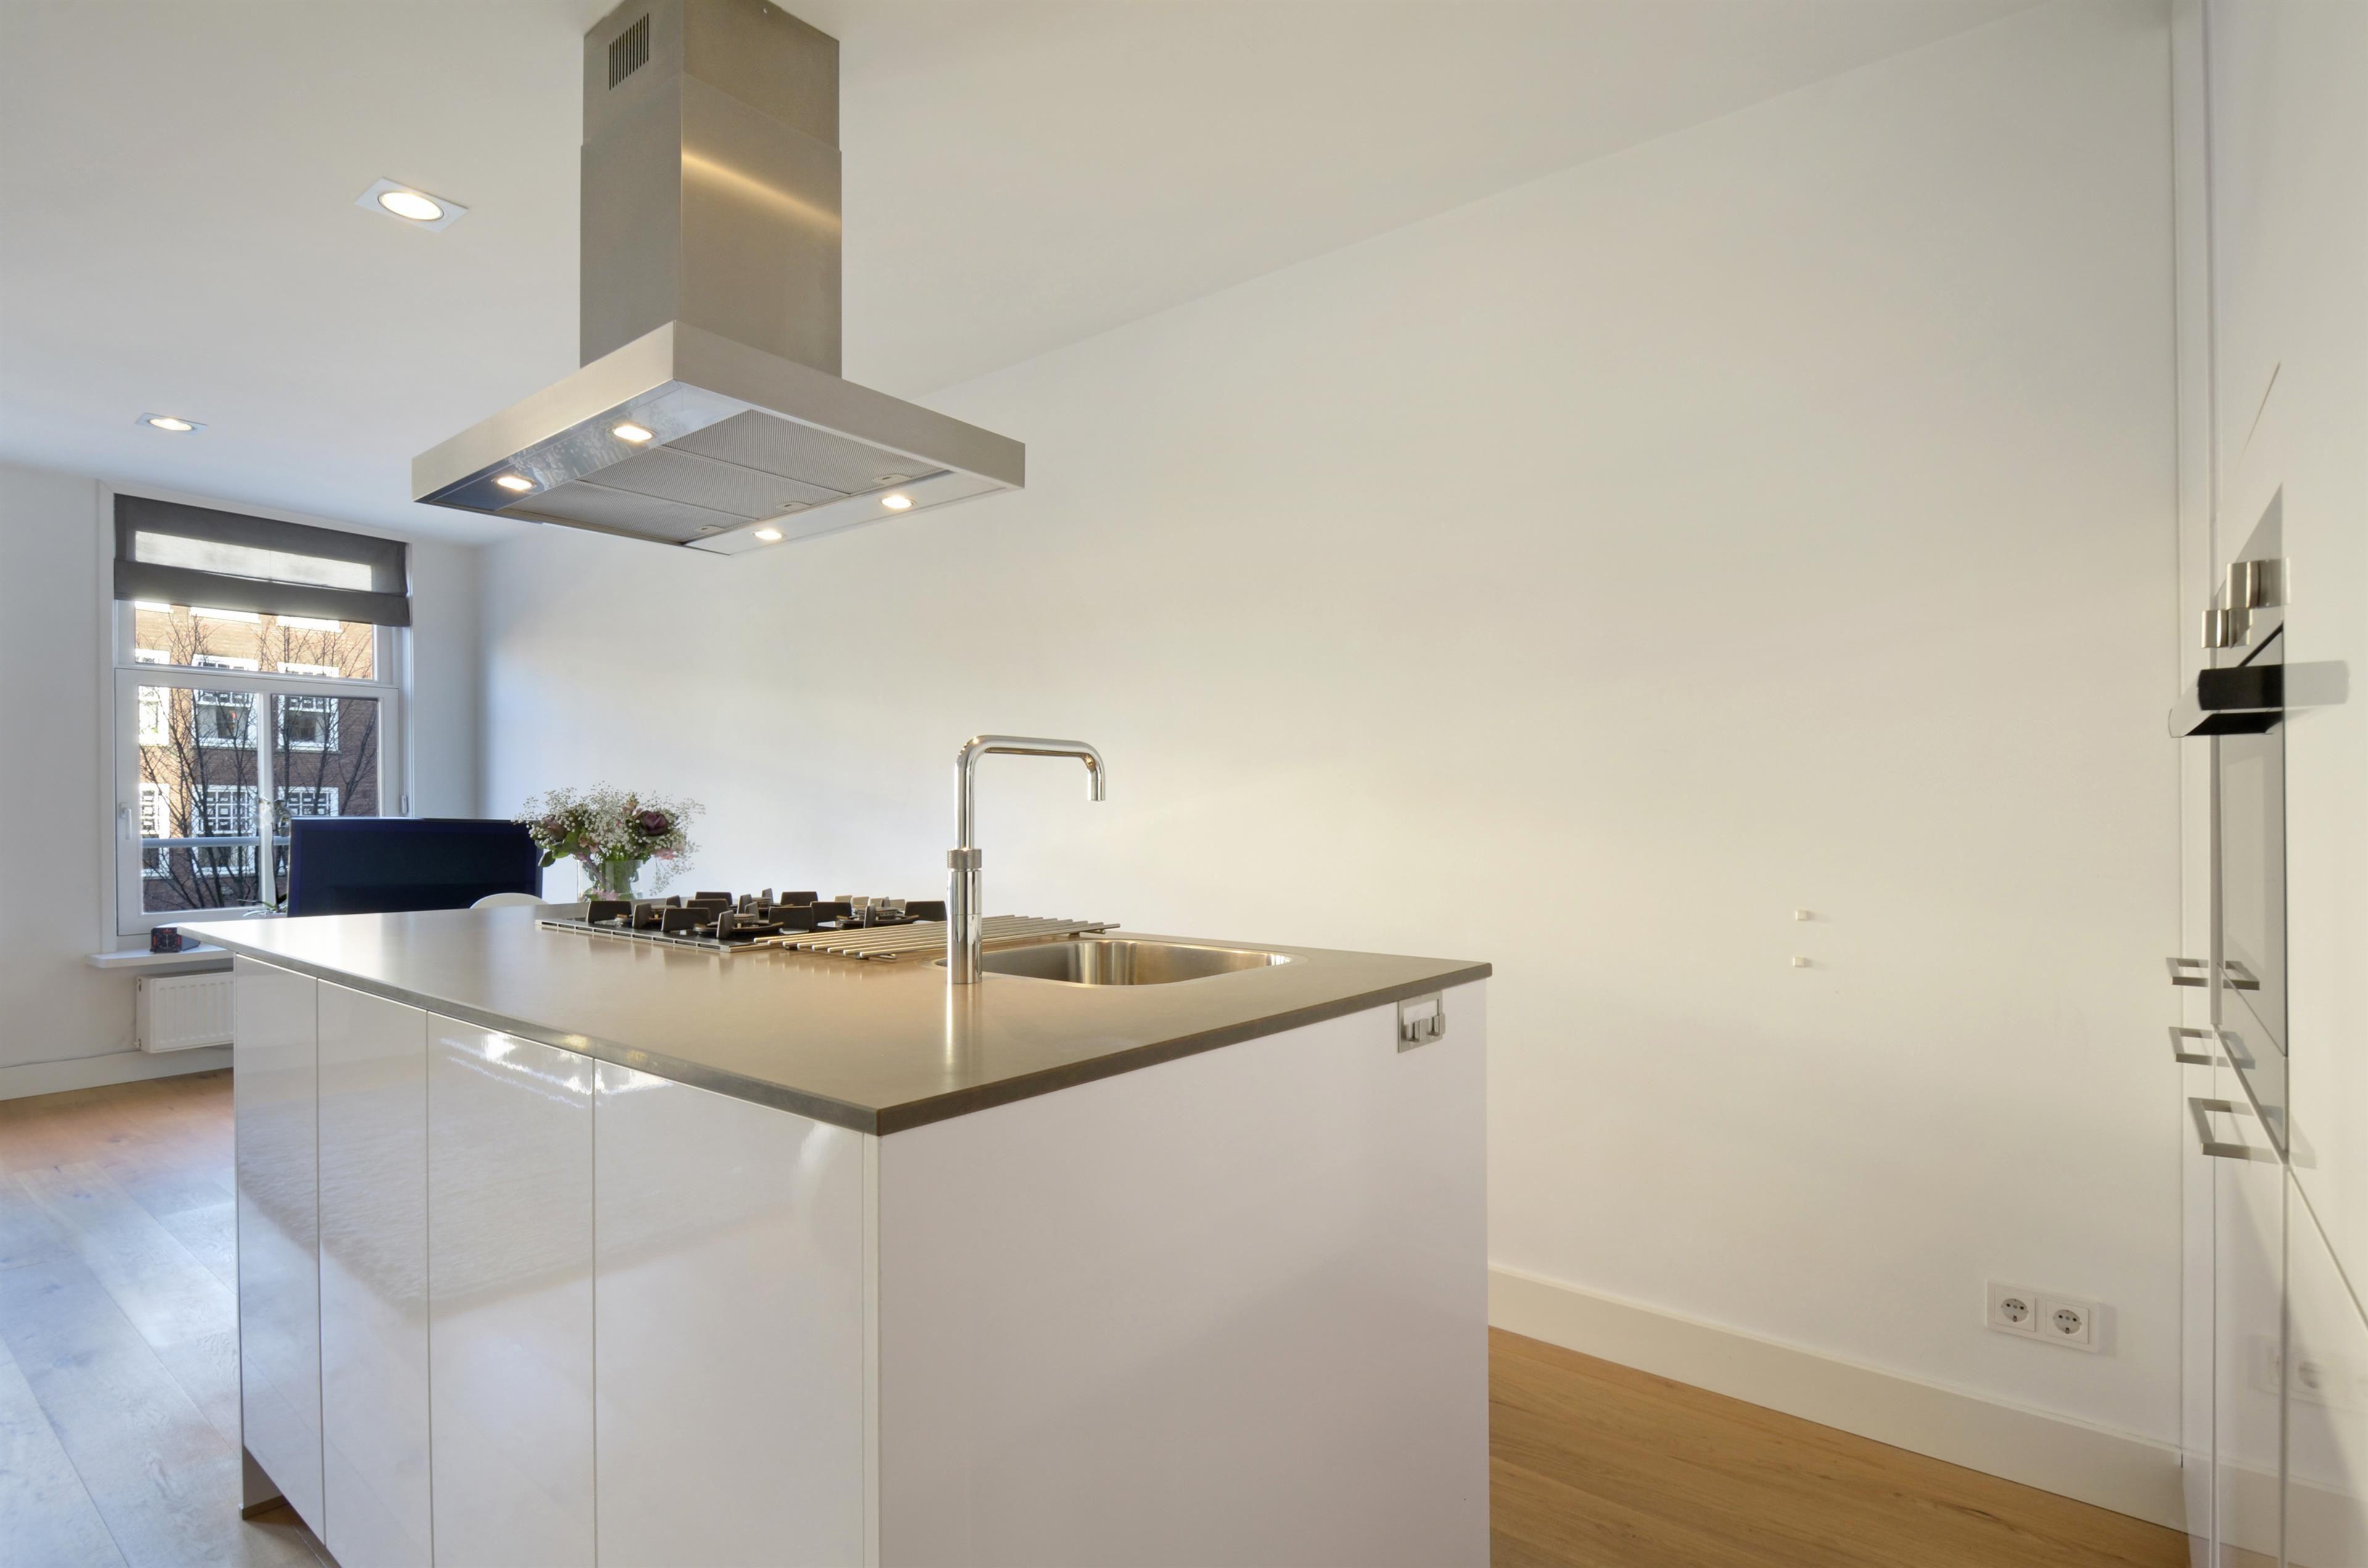 Keuken Kleine Ruimte : Magnifiek keuken kleine ruimte kxa agneswamu